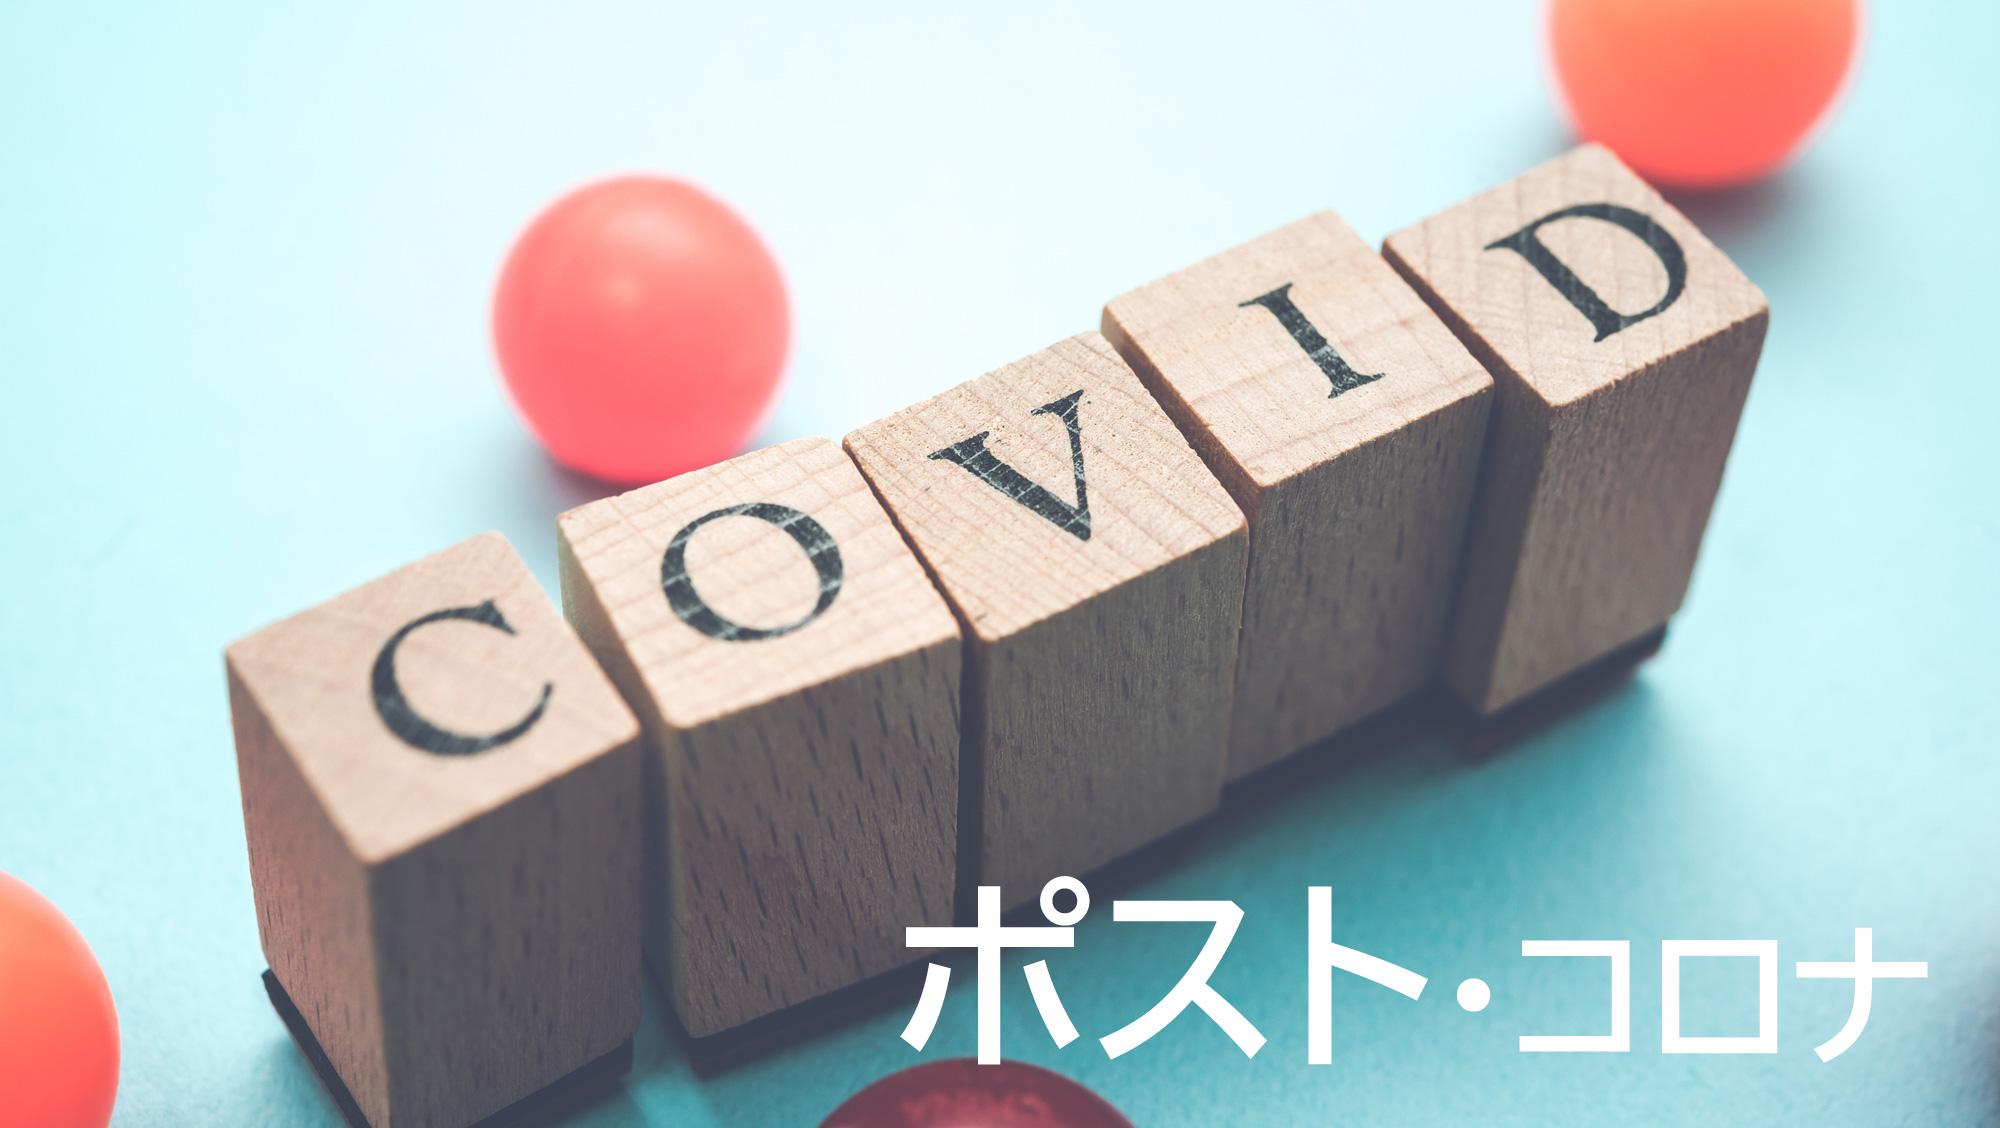 【ポスト・コロナを見据えて】新型コロナ蔓延にみるユニークな対応事例(3/5) ~その他業種編~